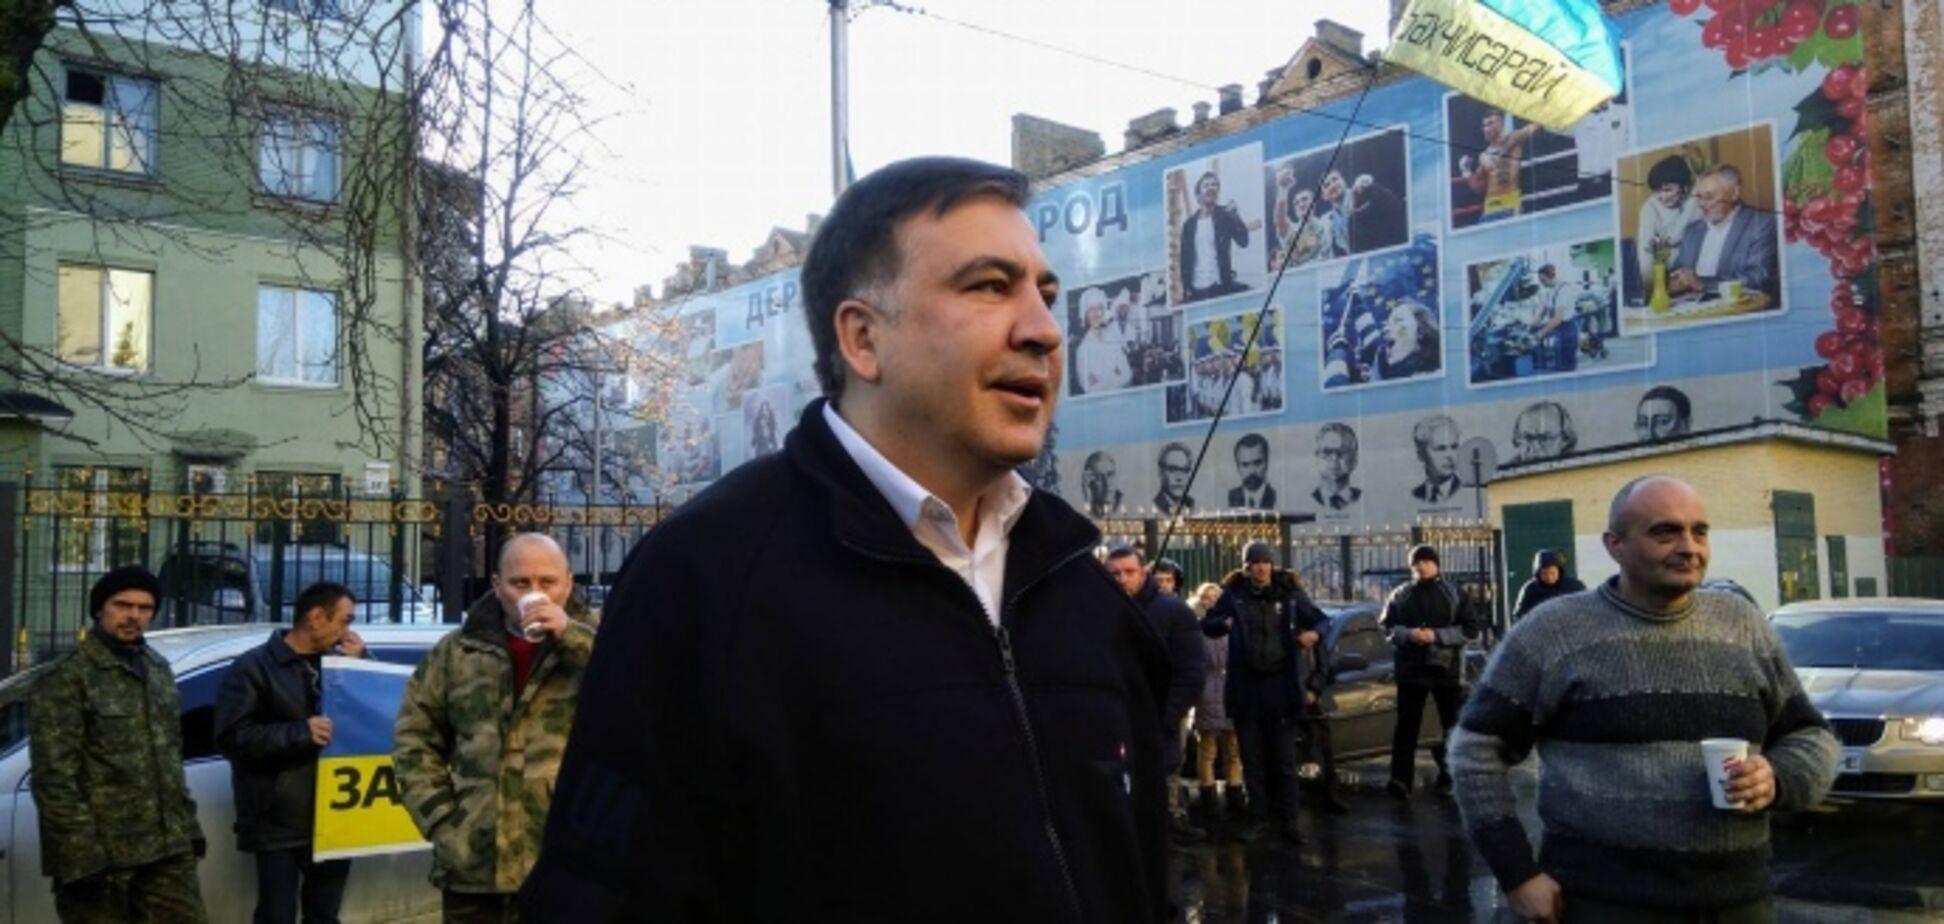 'Меня похитили': Саакашвили пригрозил СБУ Европейским судом